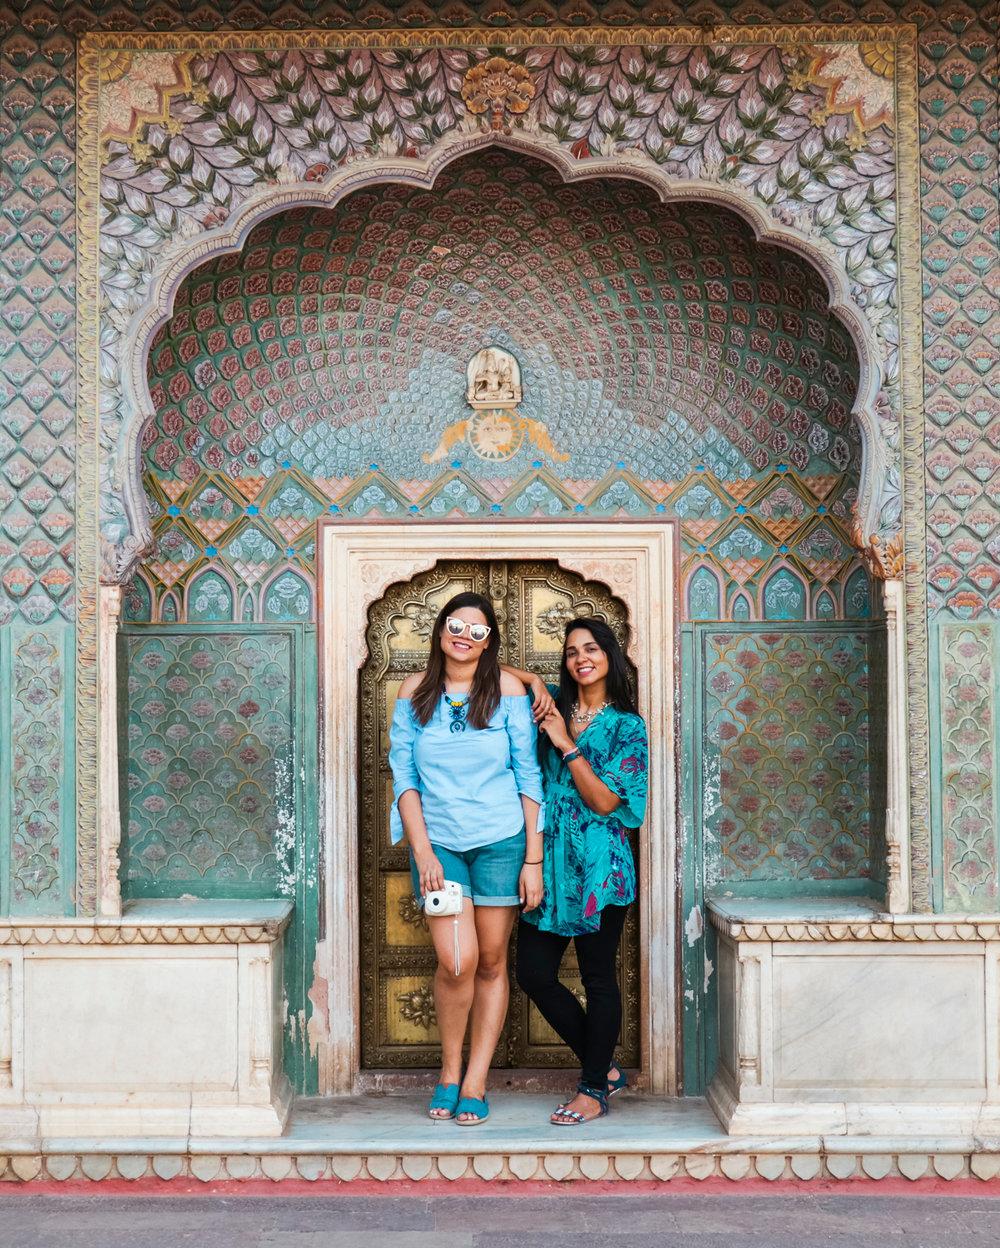 ¿Interesado en viajar a la India? Aquí la guía completa que necesitas saber: vuelos, vestimienta, lugares turísticos, costo, transporte y mucho más.viaje-india-travel-guide_7-city-palace-jaipur